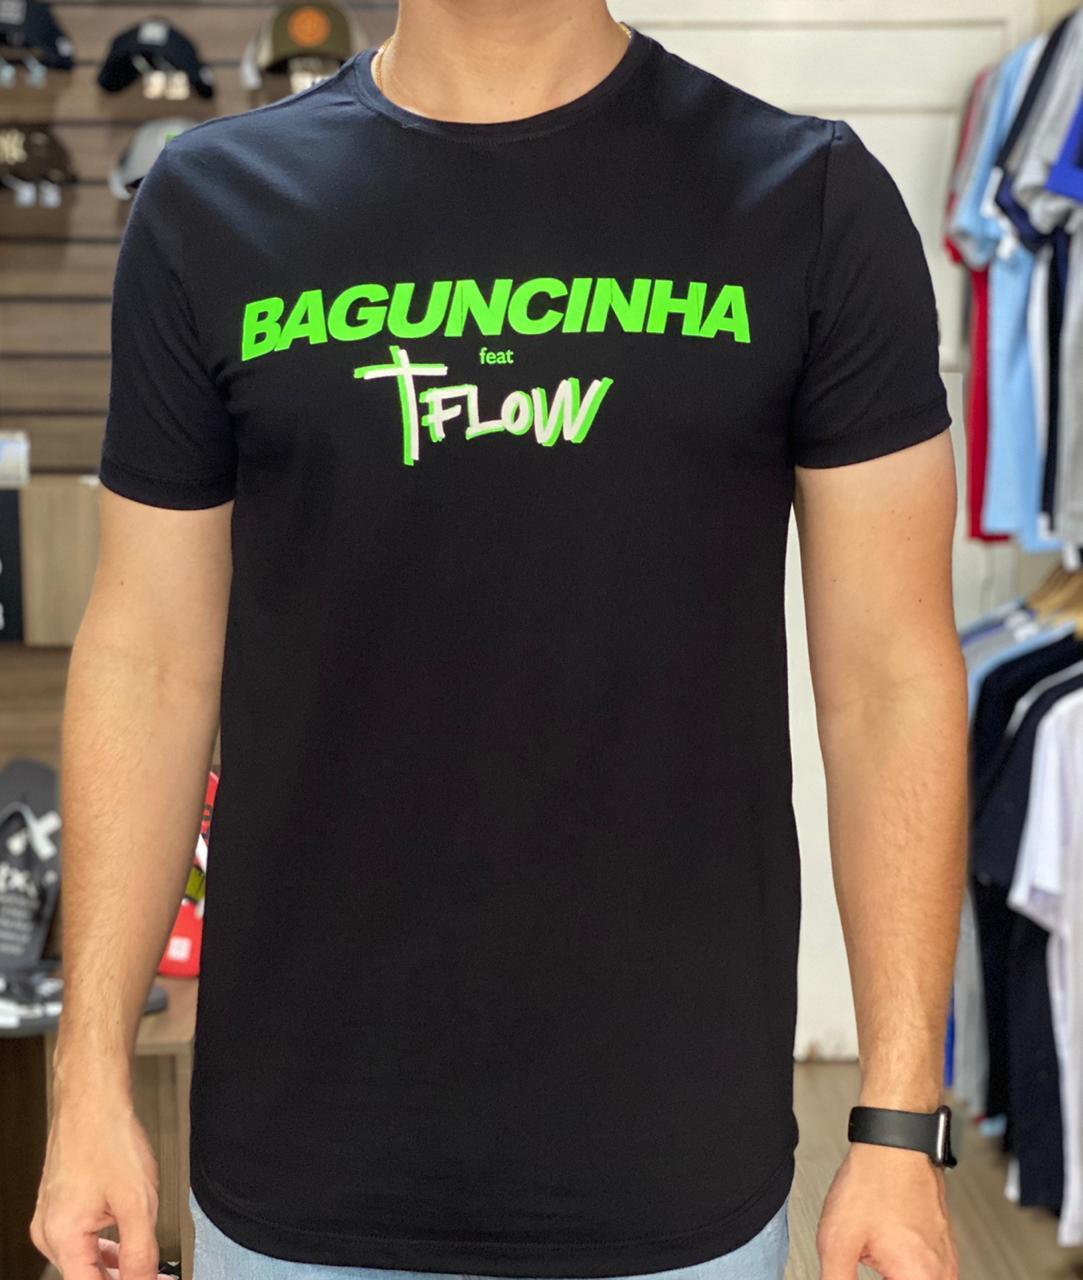 Camiseta Masculina Tflow Baguncinha Algodão Lisa - Preta